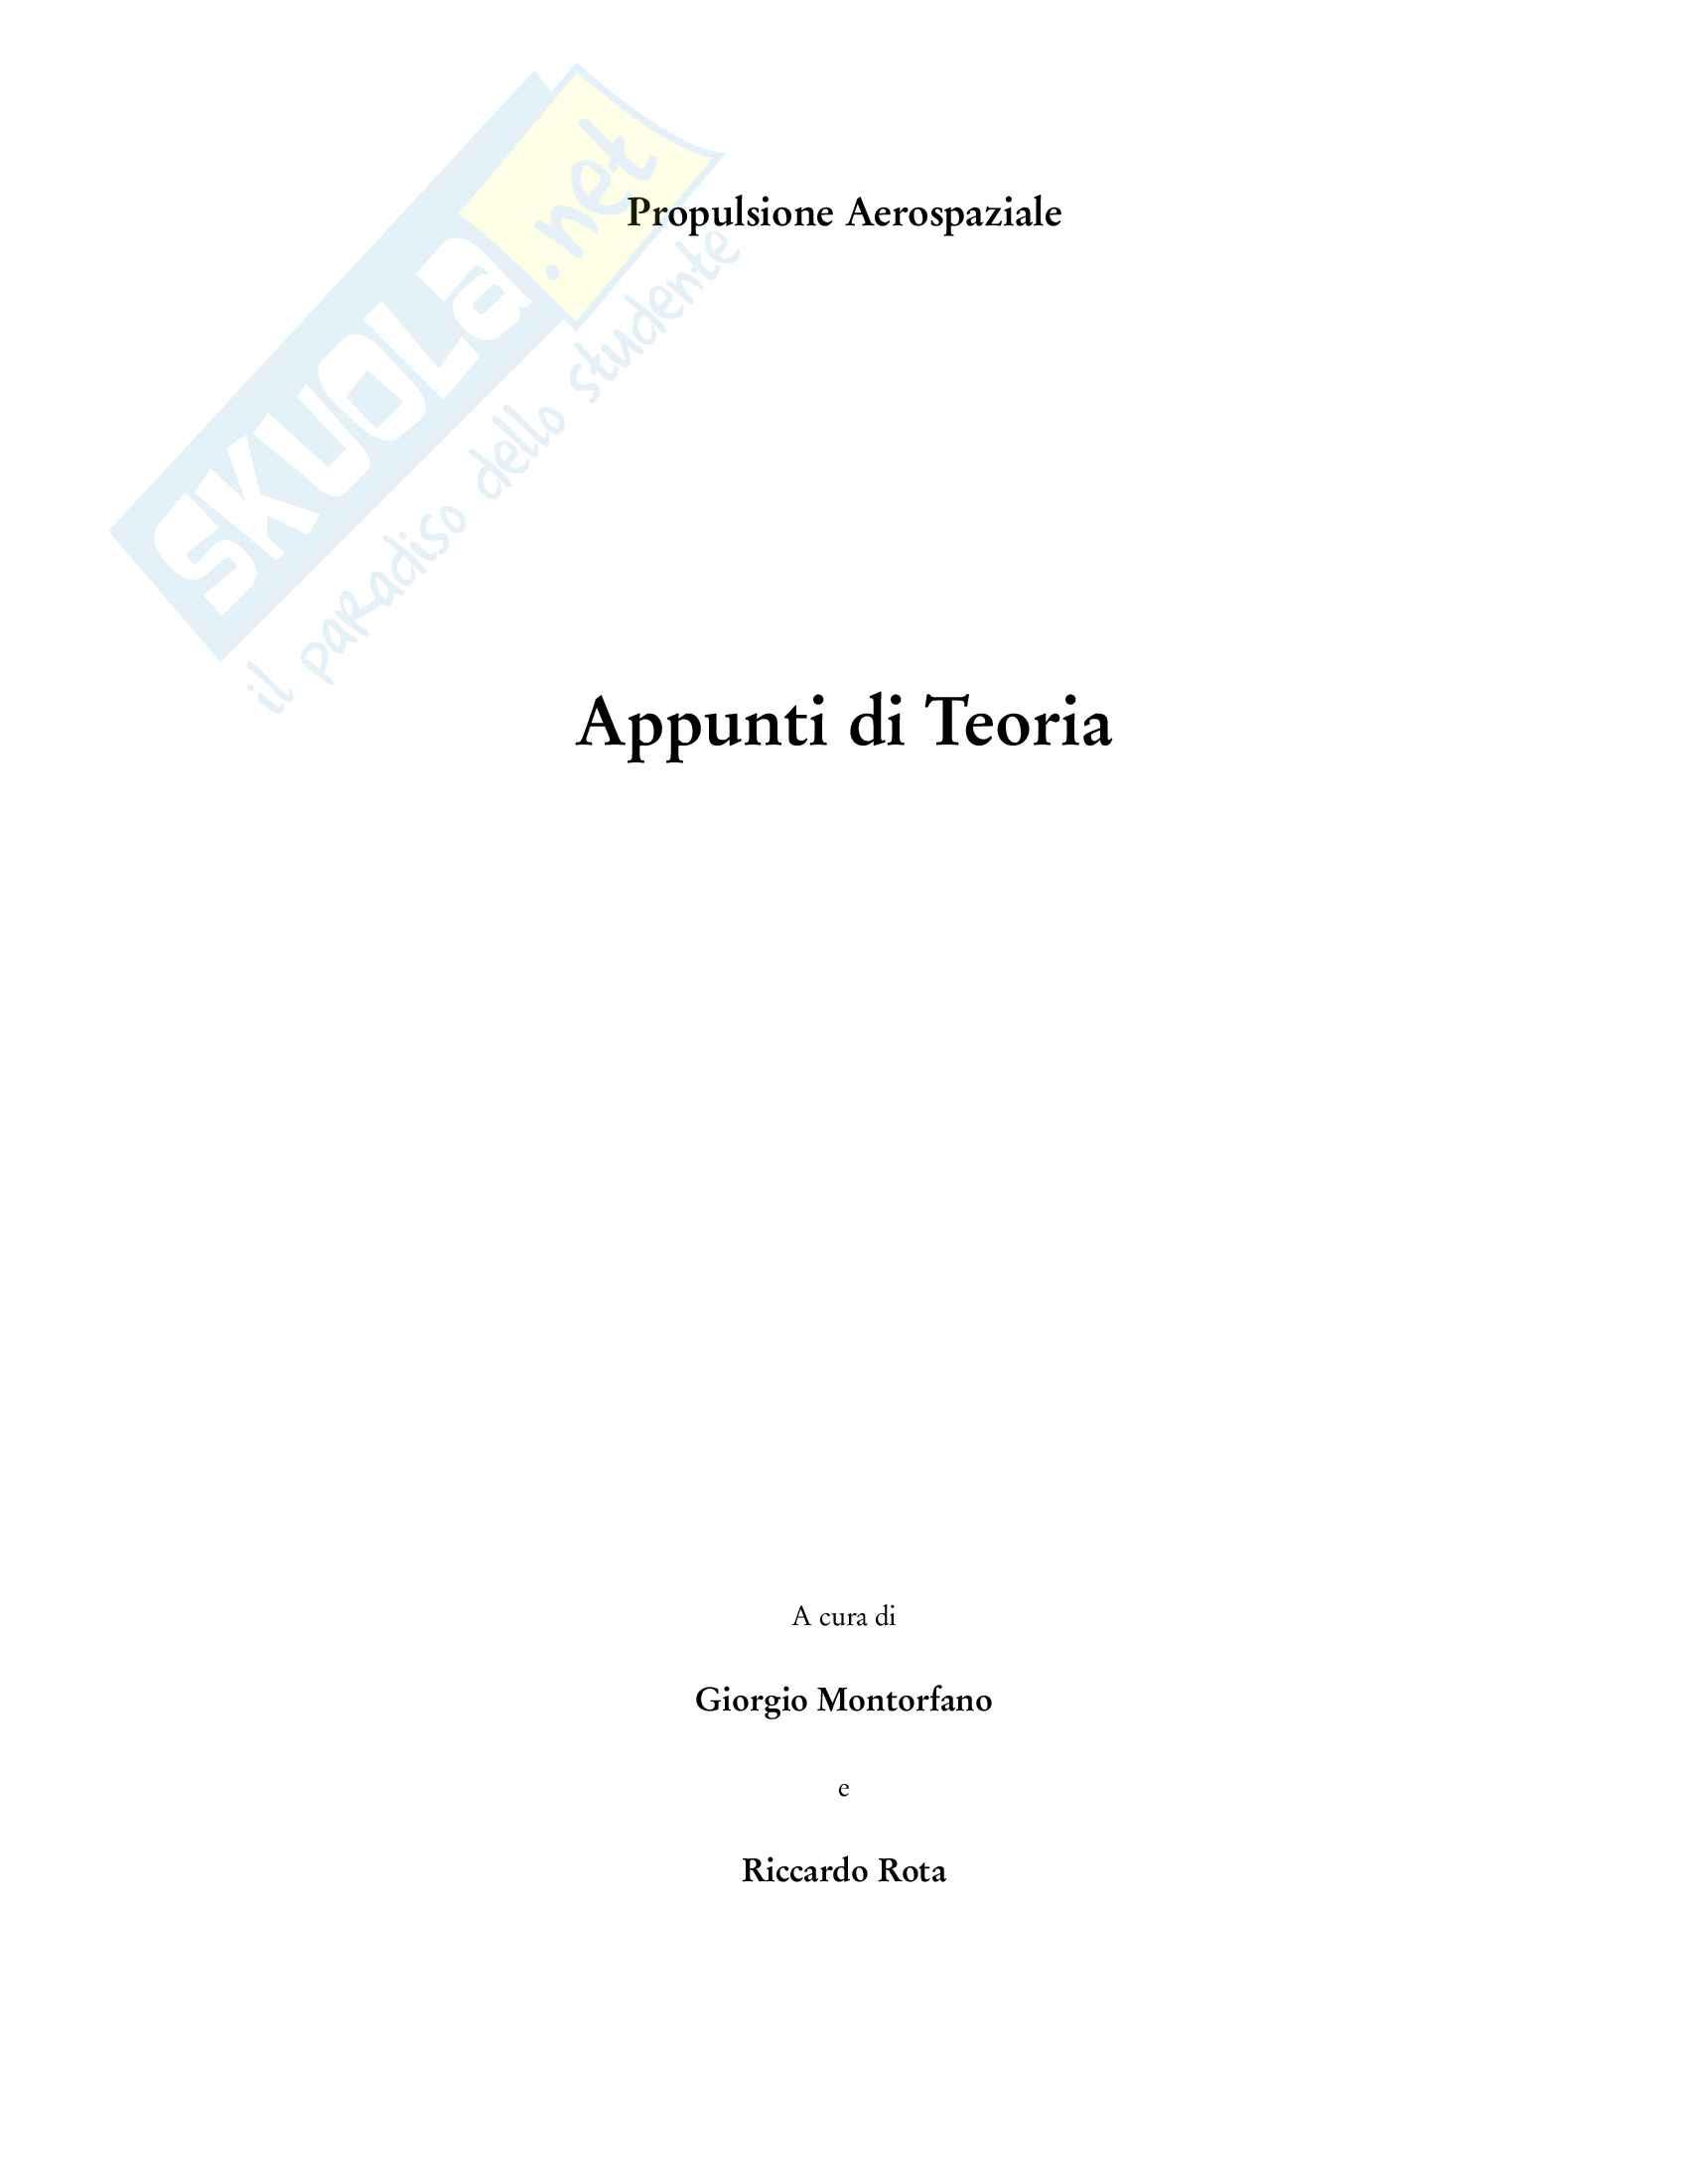 Appunti di Propulsione Aerospaziale Pag. 2